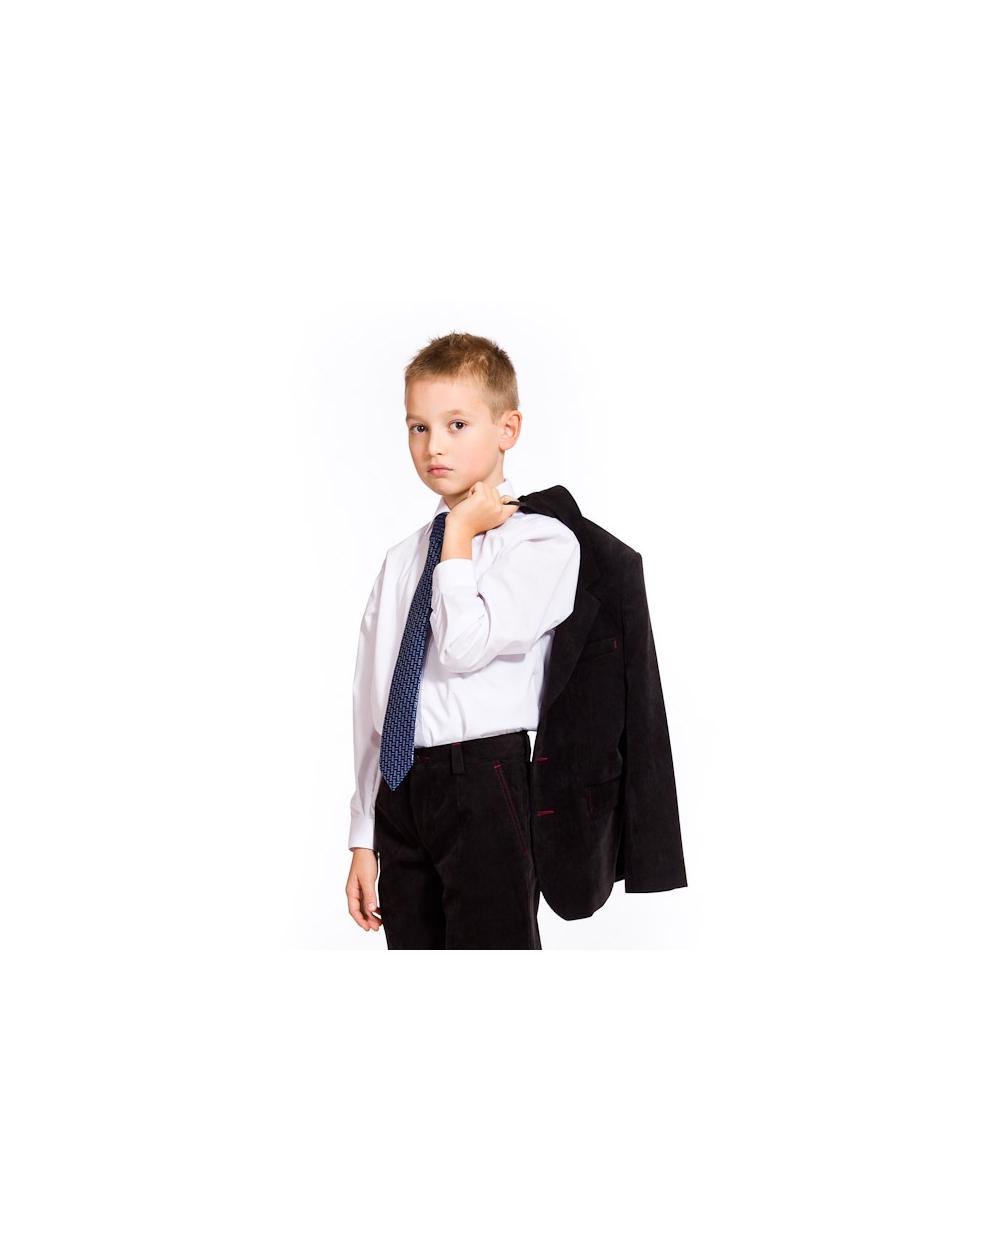 a7a200e5db315f Elegancka biała koszula długi rękaw dla chłopca 110 - 158 Maciek